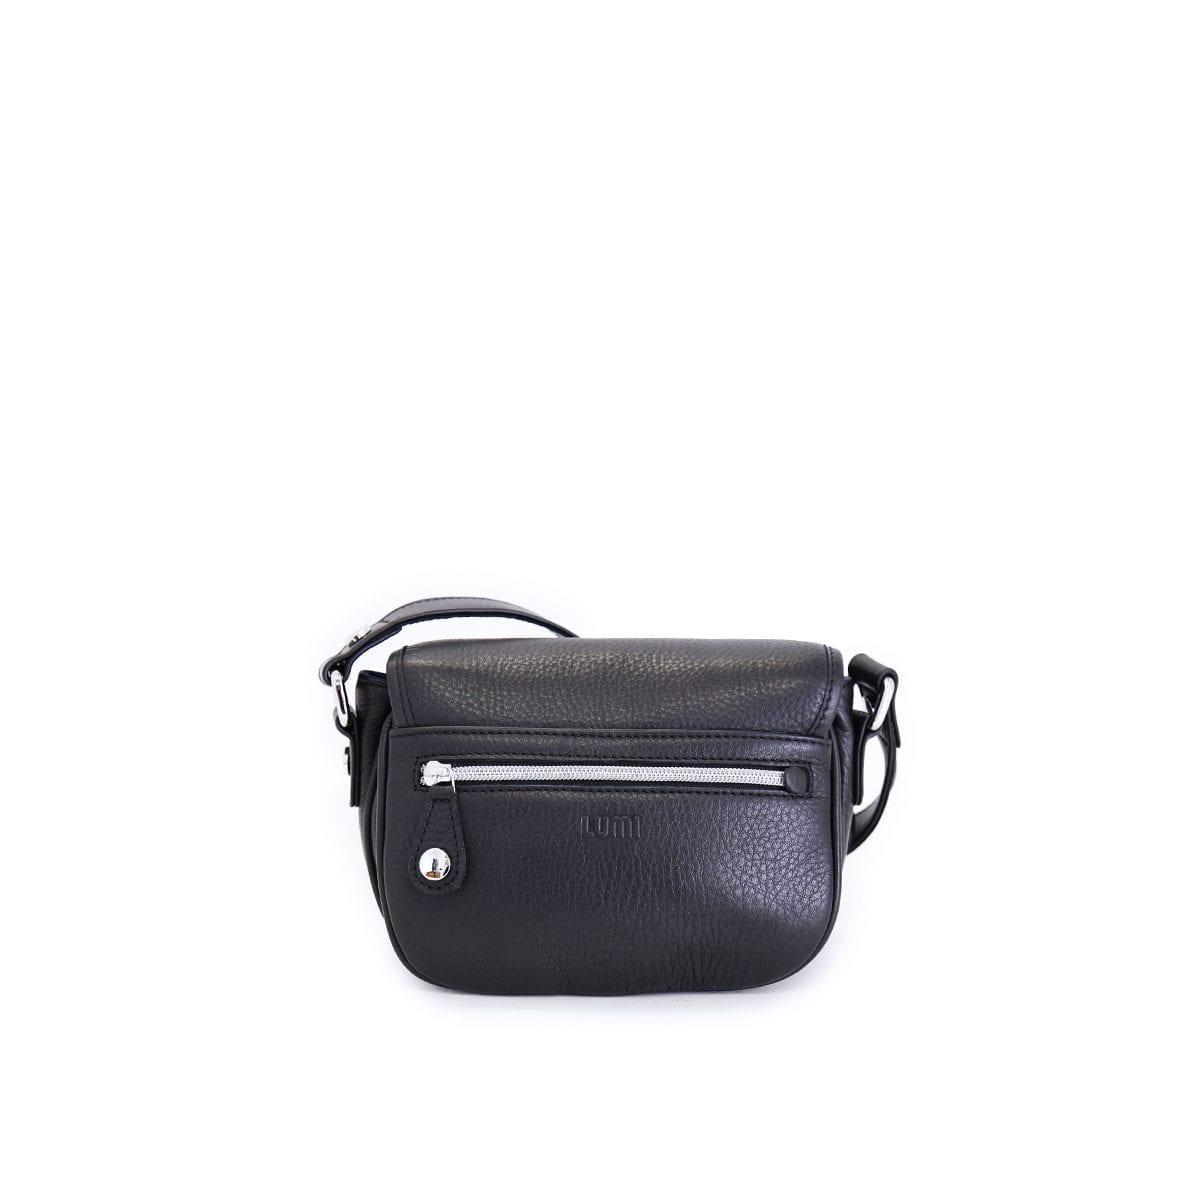 LUMI Olivia Mini Saddler, in black.